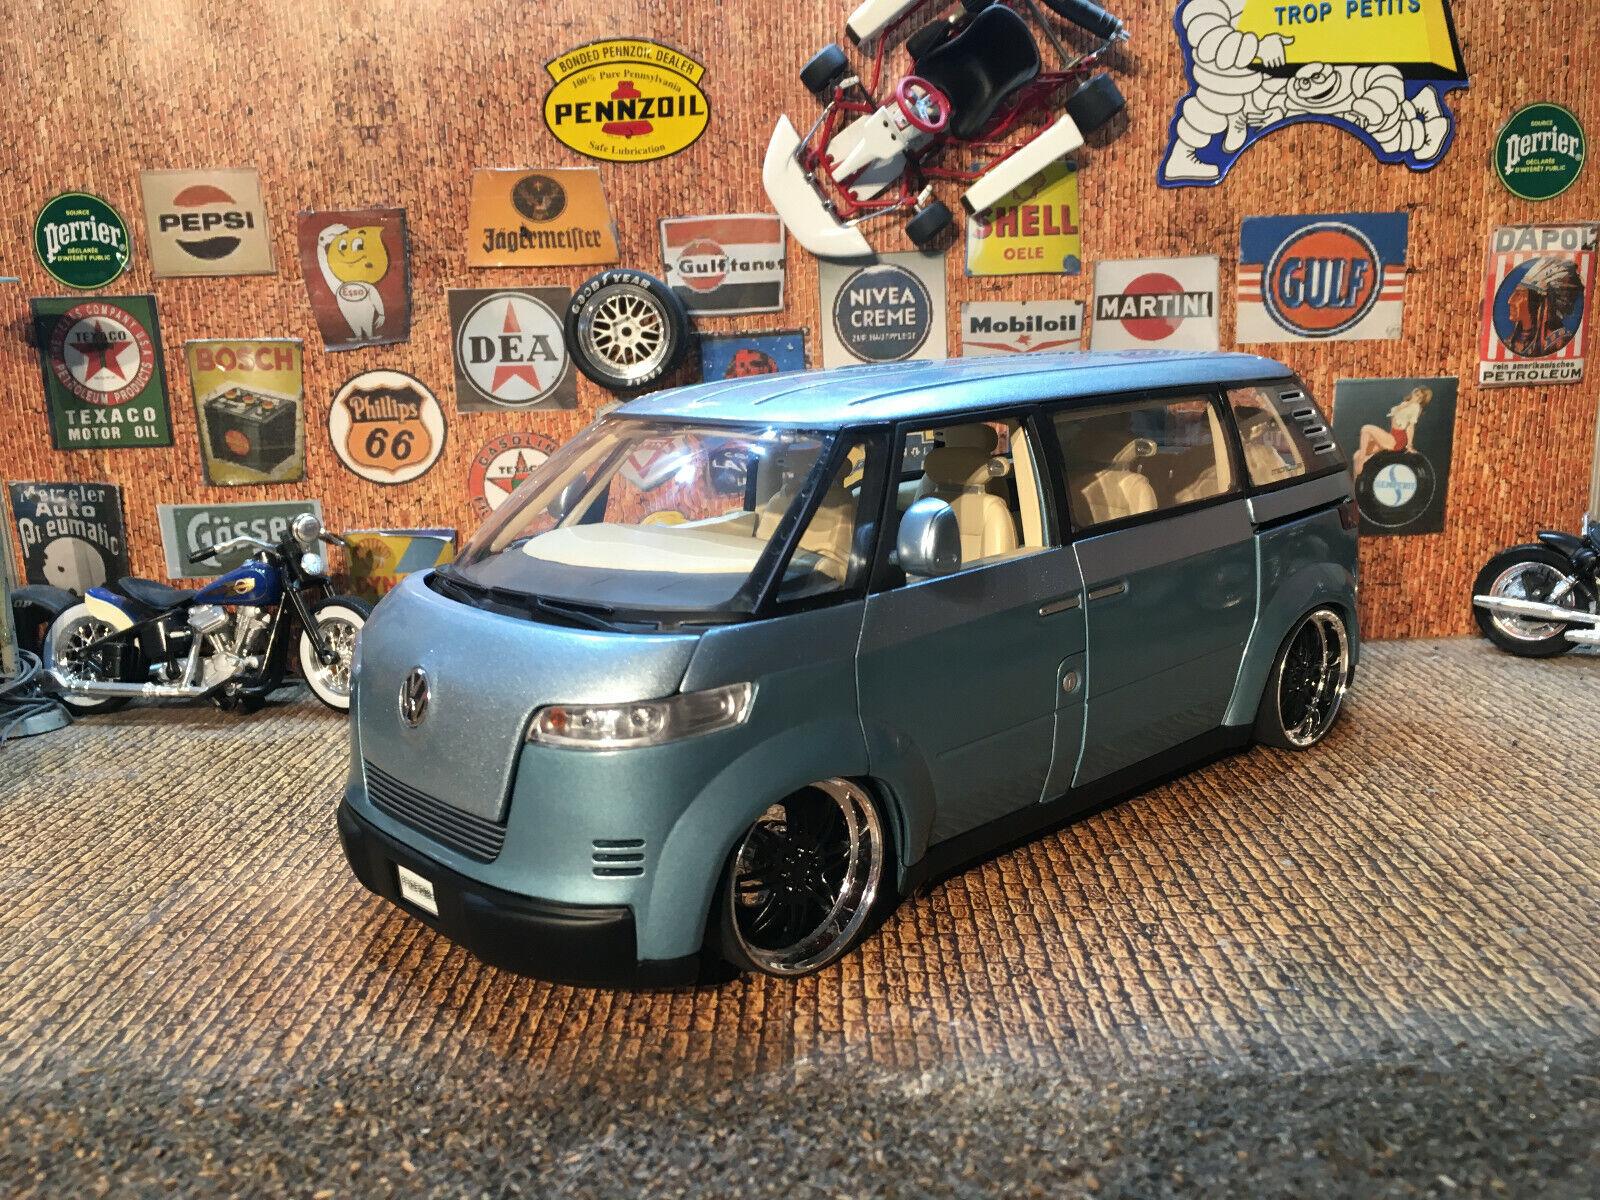 Descuento del 70% barato VW microbus - 1 18 -- Tuning-transformación-llantas-bus - - - descubrimos  tienda en linea